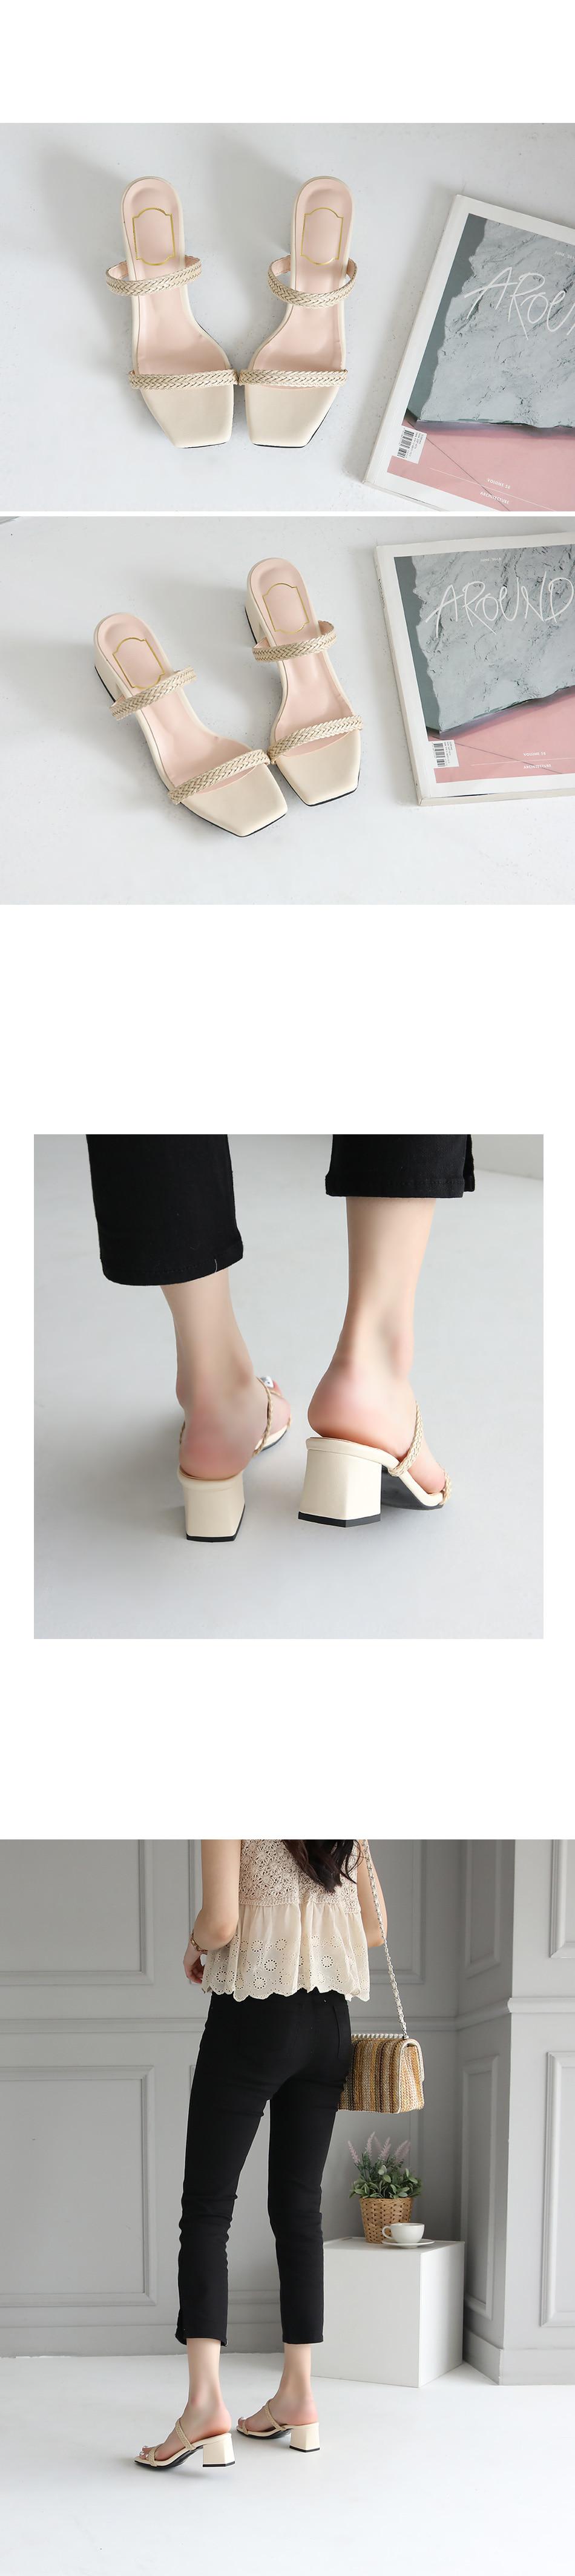 Delon's Mule Slippers 5cm